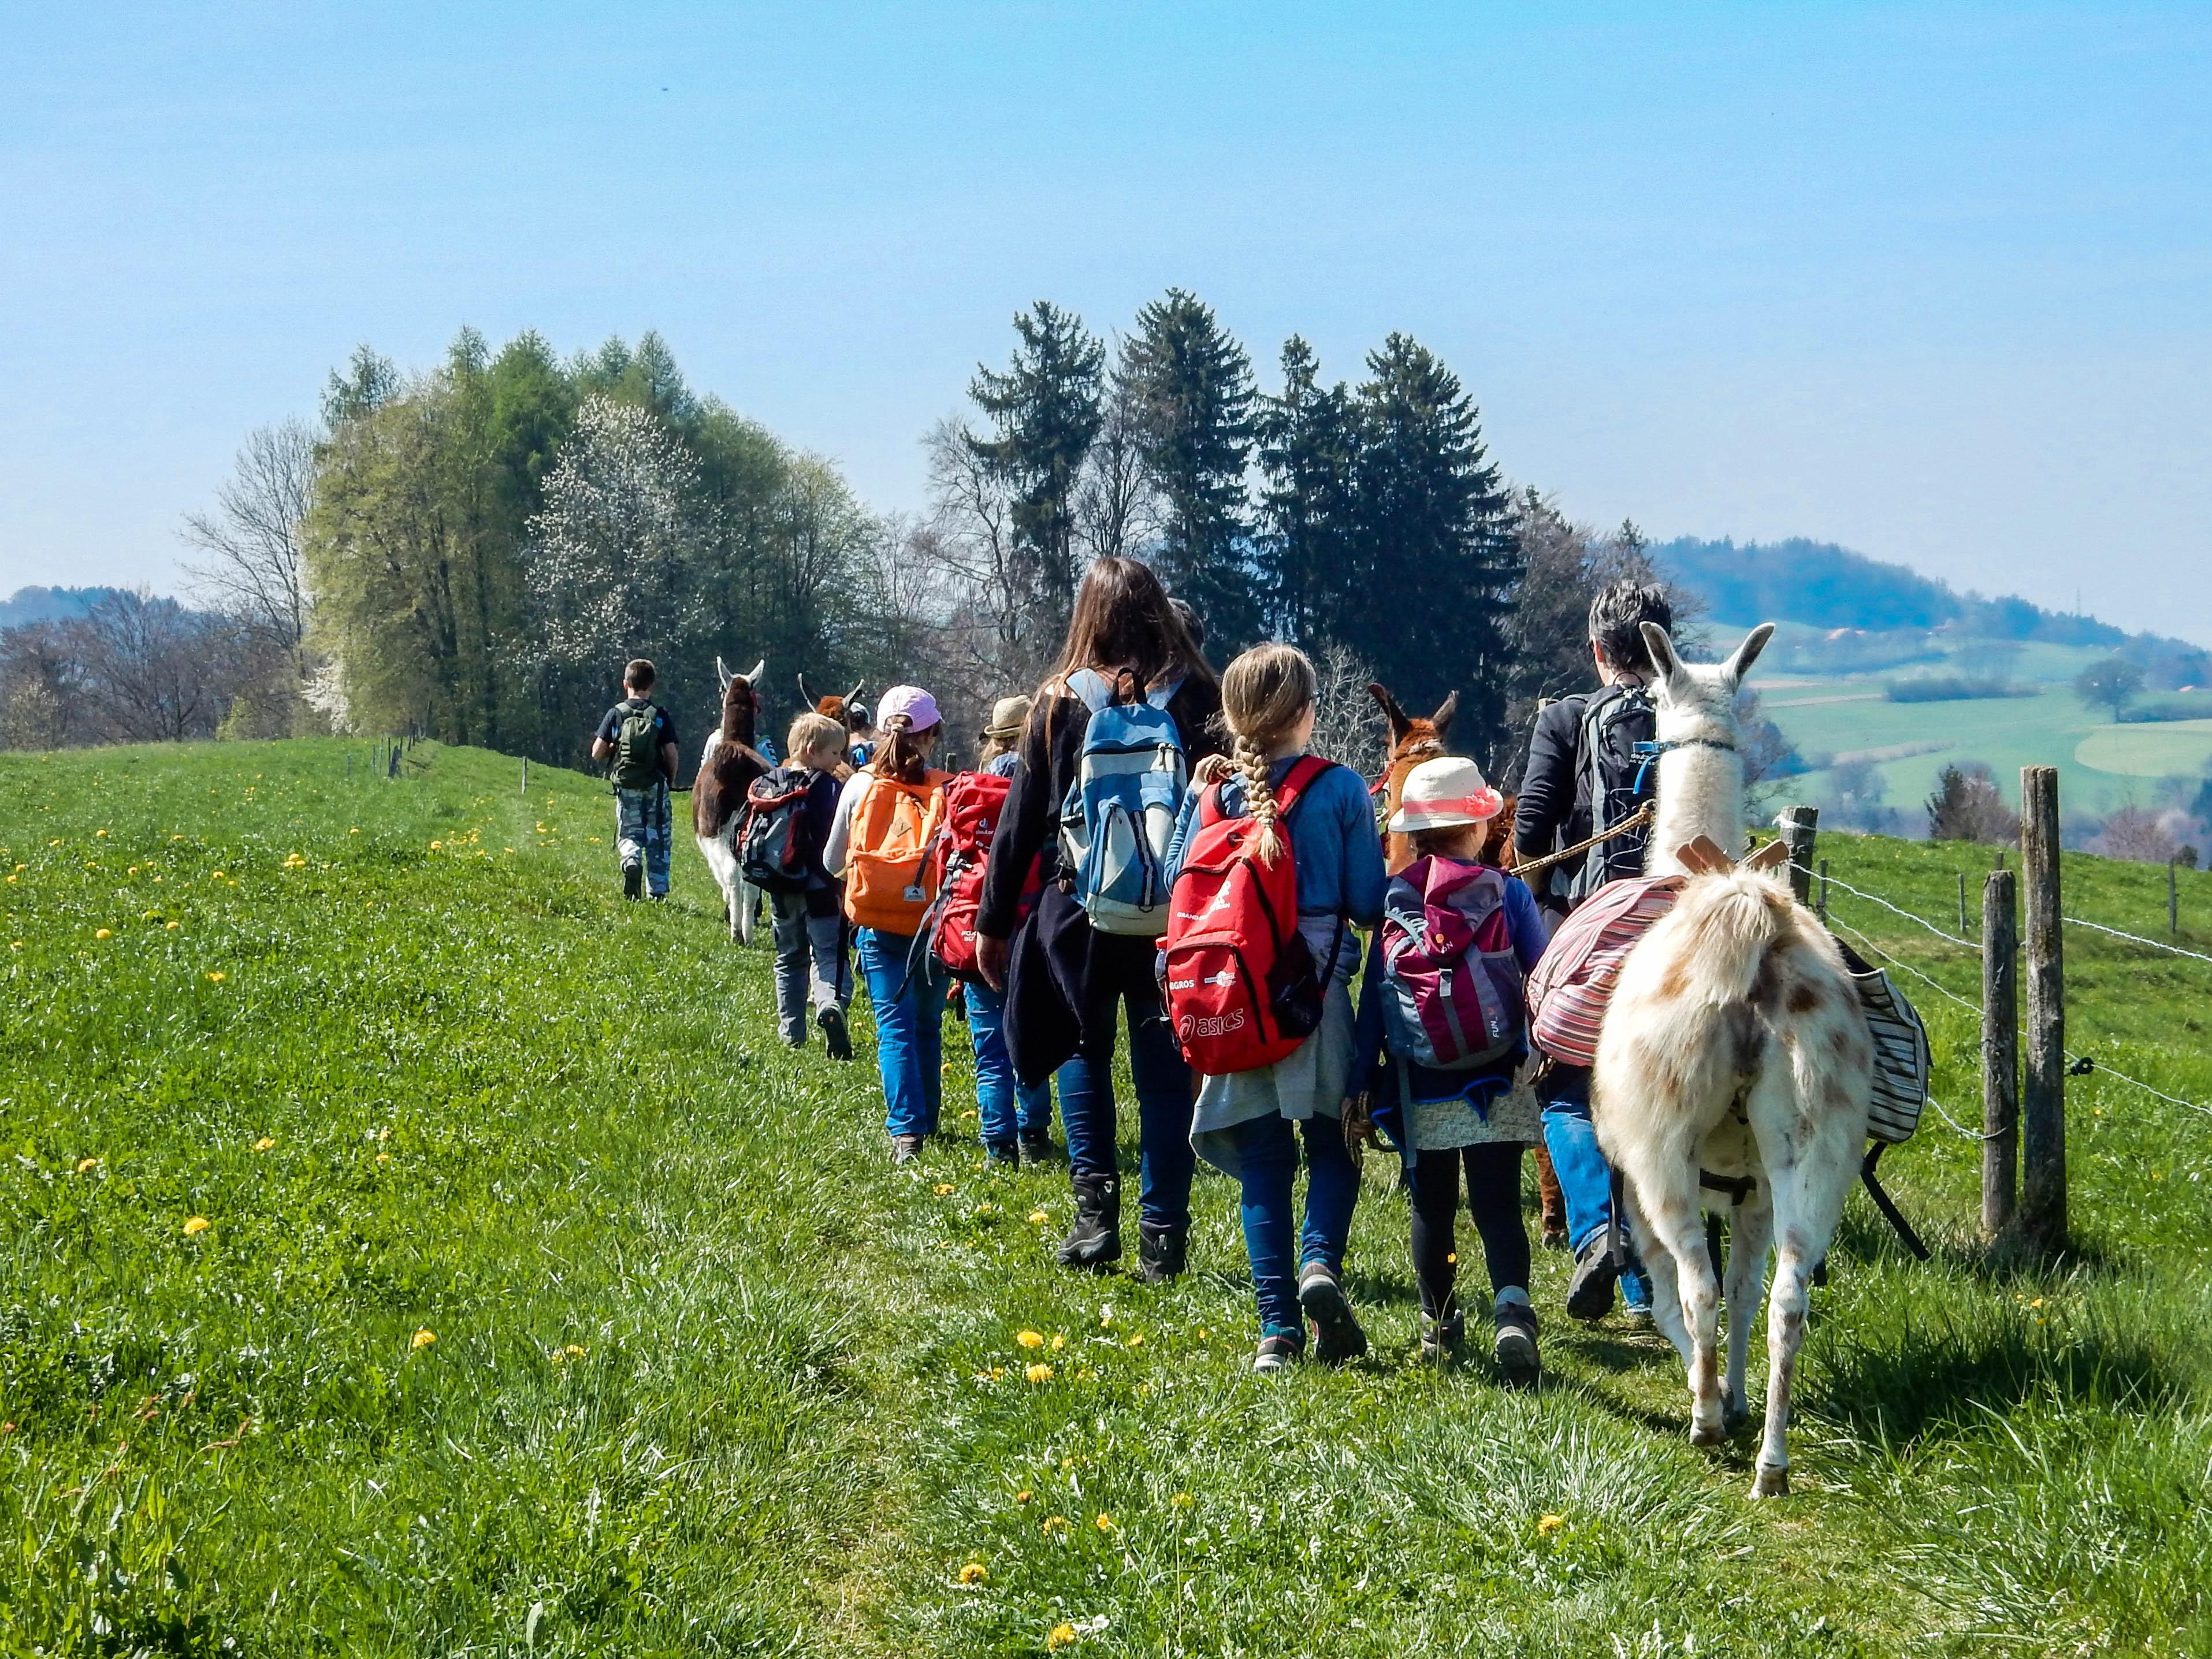 Idee: Trekk zur Schlossruine Grasburg.